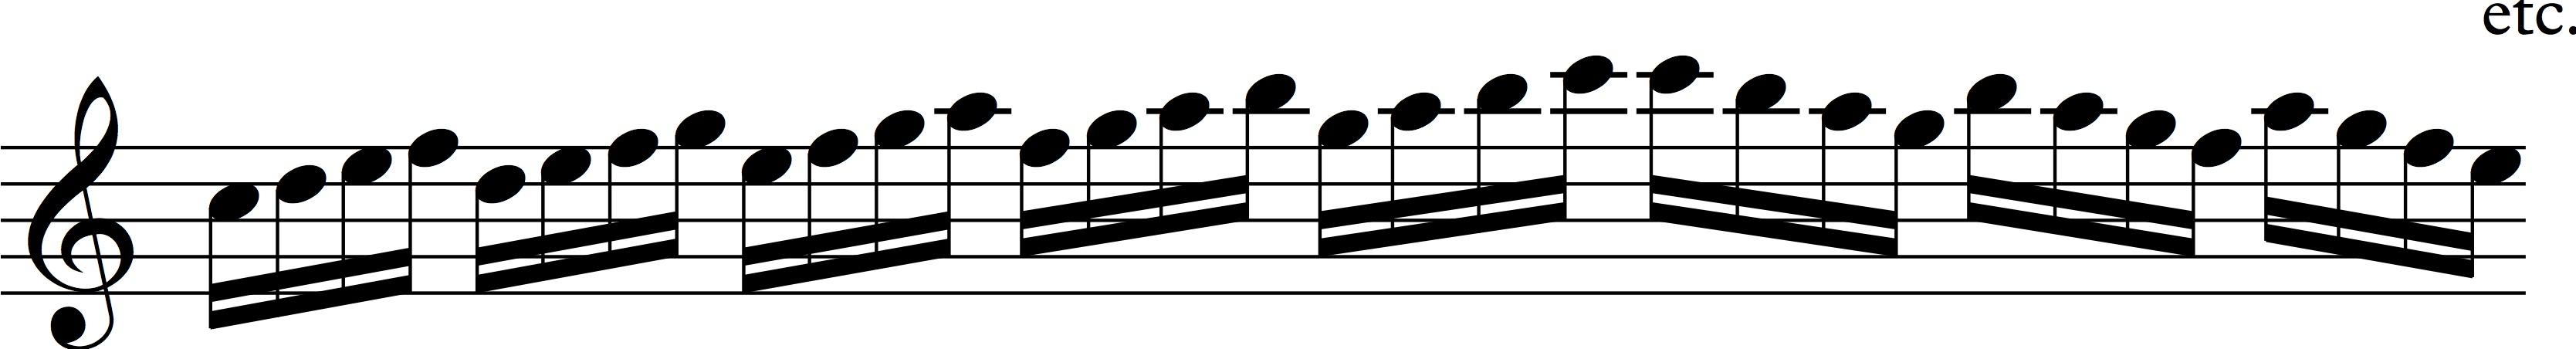 Scale 3 pattern 4.jpg